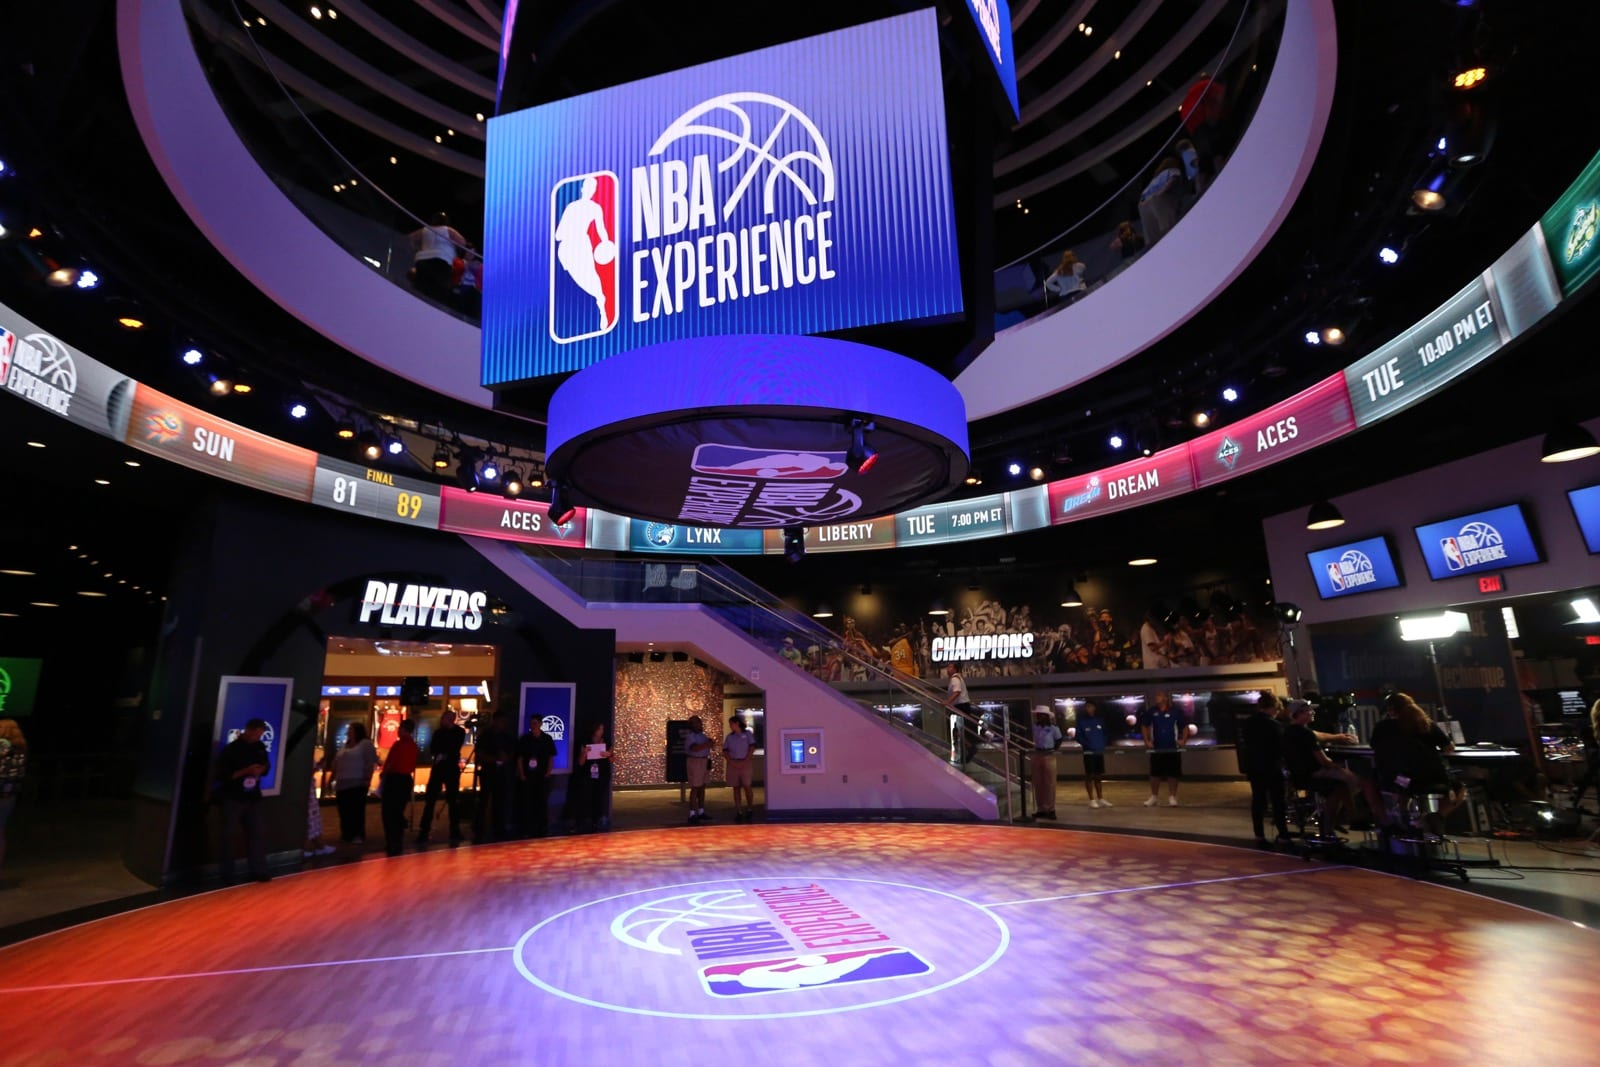 NBA Experience at Disney